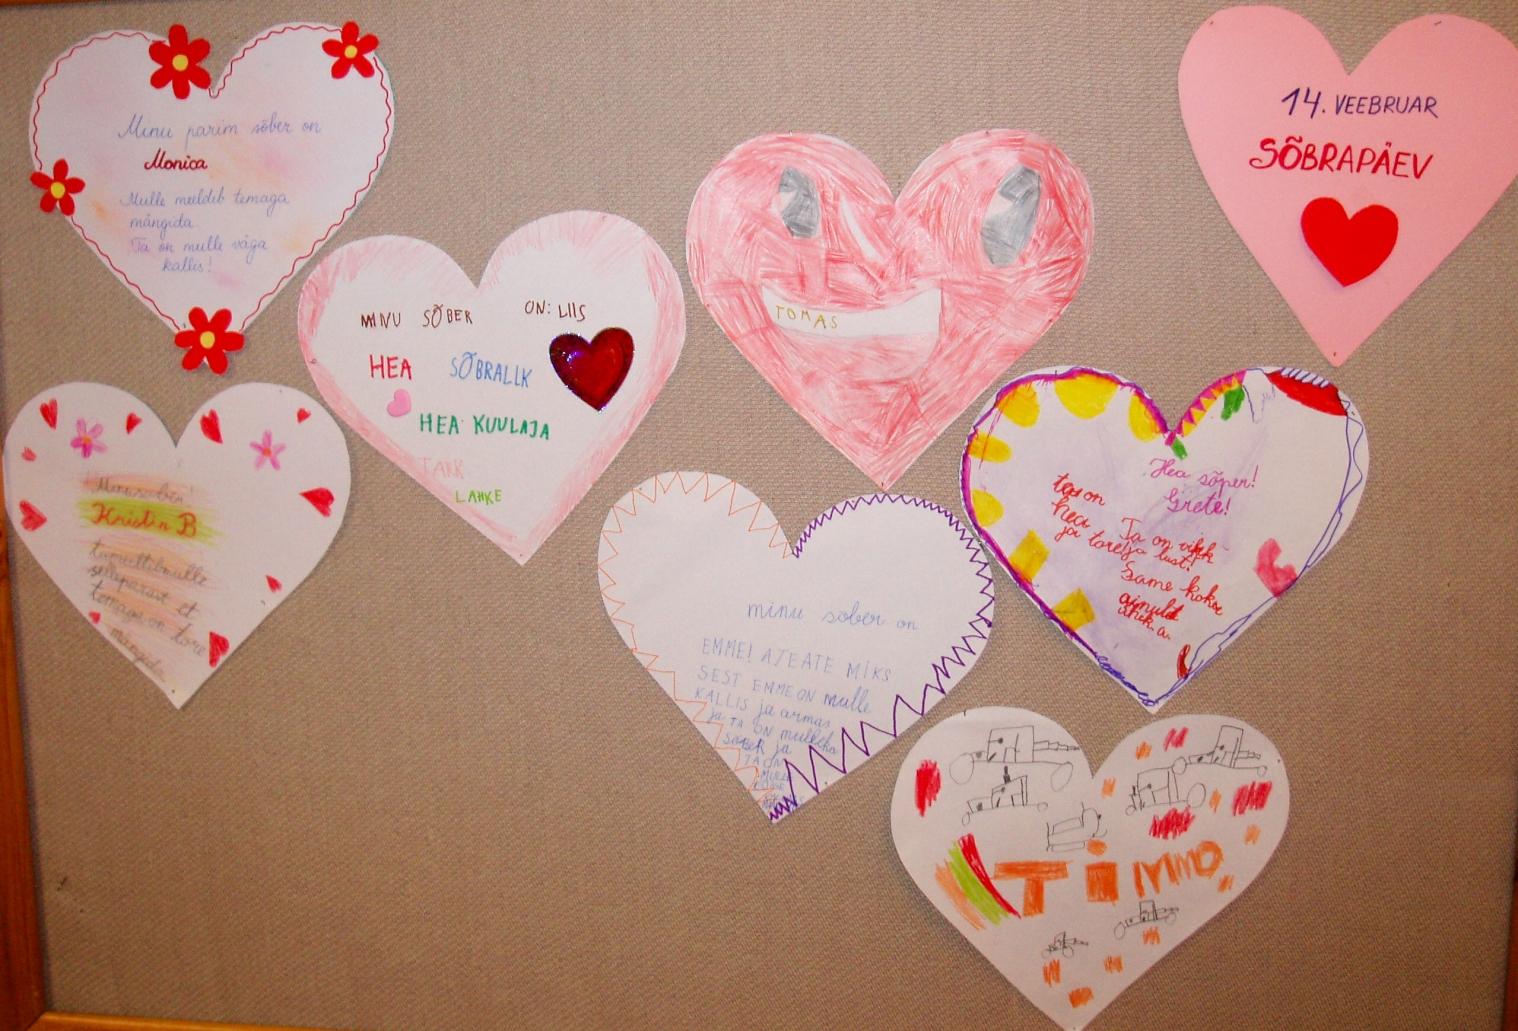 Laste tehtud sõbrapäevakaardid stendil